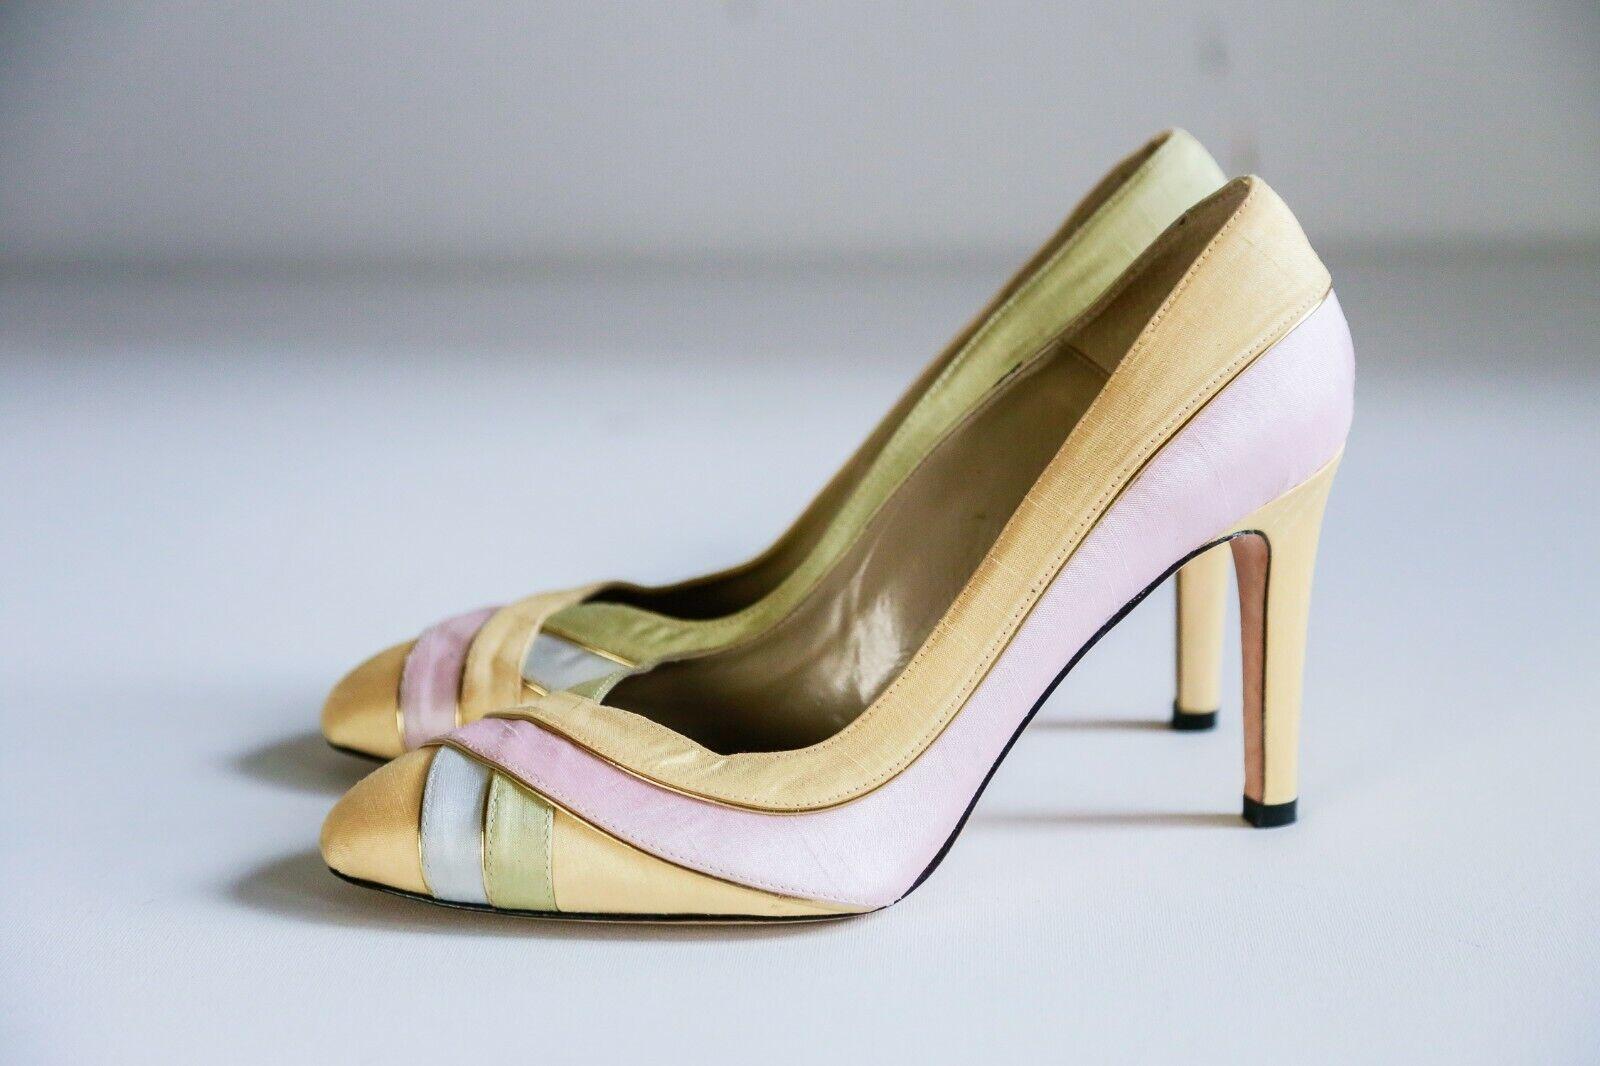 J Renee Multicolour Multicolour Multicolour Pastel Wedding High Heel schuhe   Leather Sole Wedding Pumps a1085d